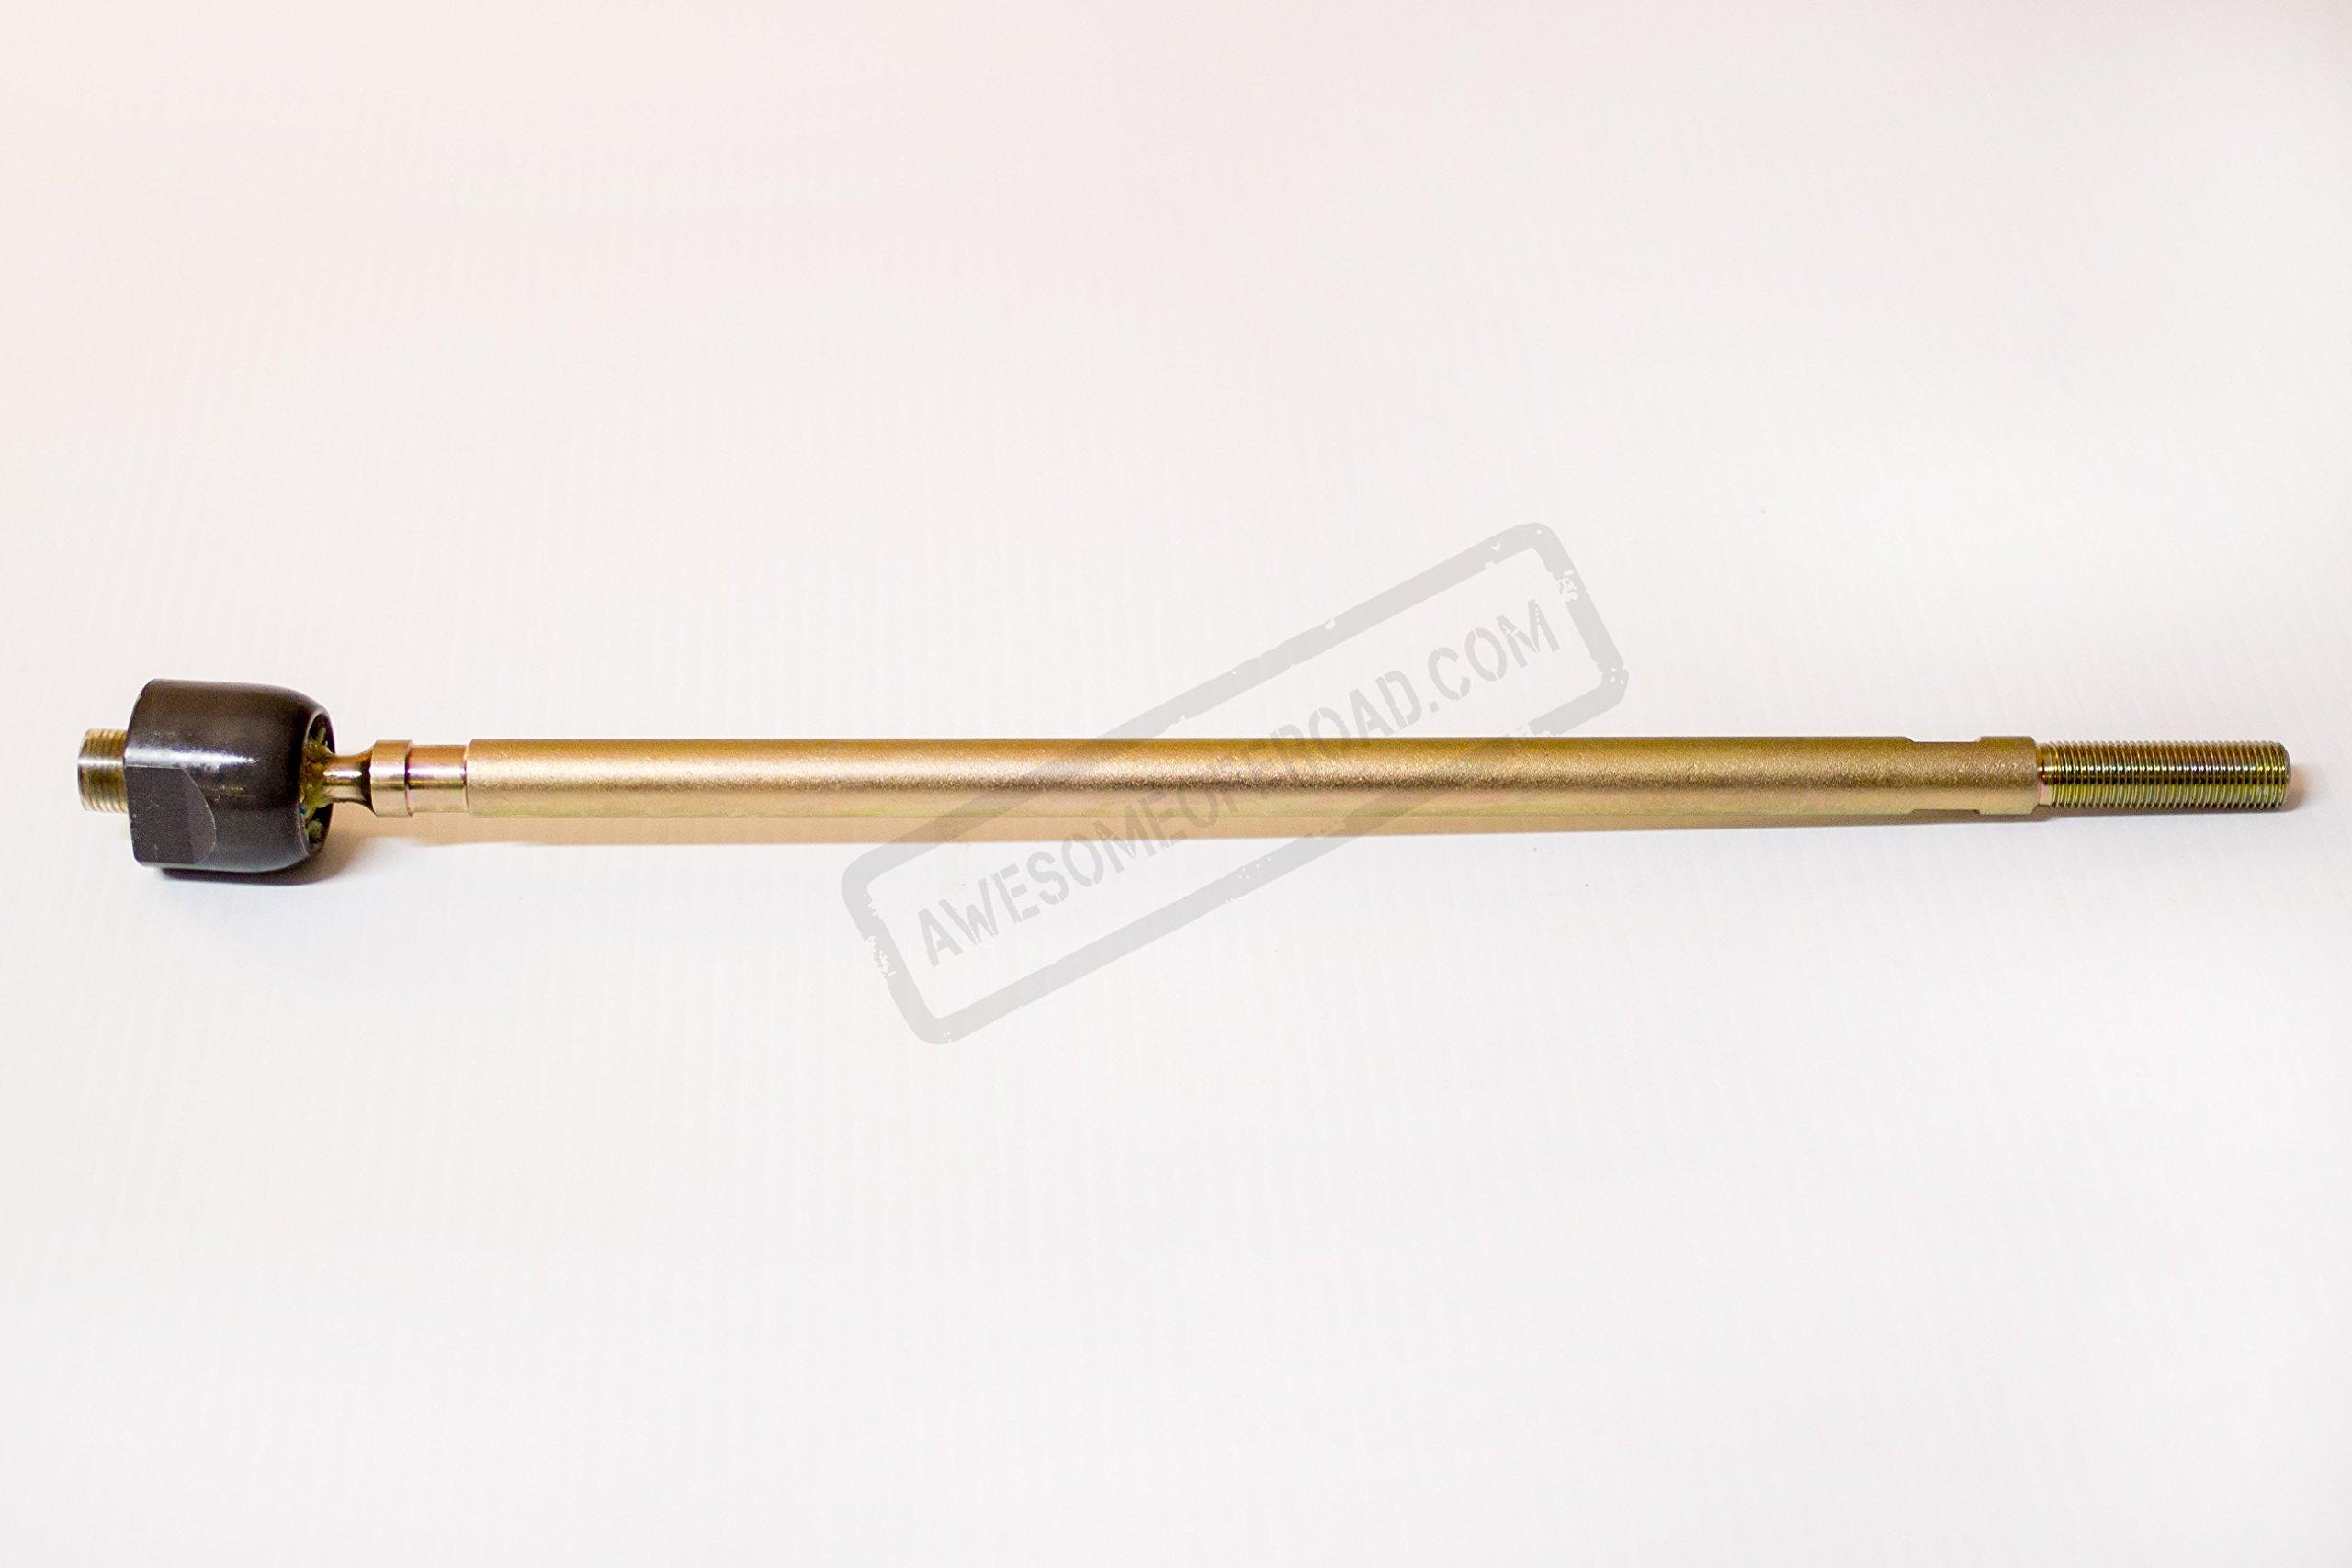 Arctic Cat OEM Wildcat Sport Inner Tie Rod End 0405-536